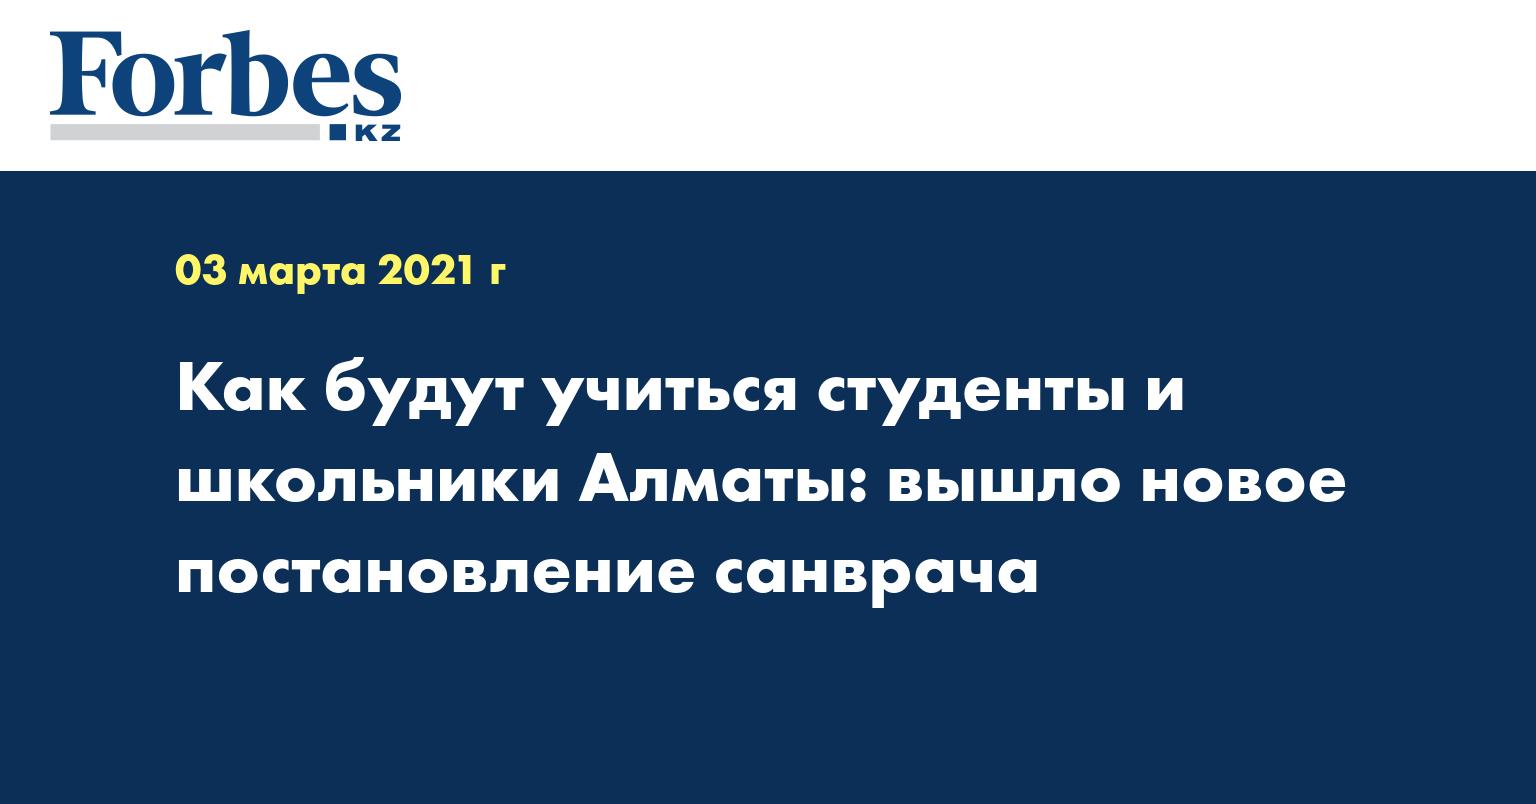 Как будут учиться студенты и школьники Алматы: вышло новое постановление санврача